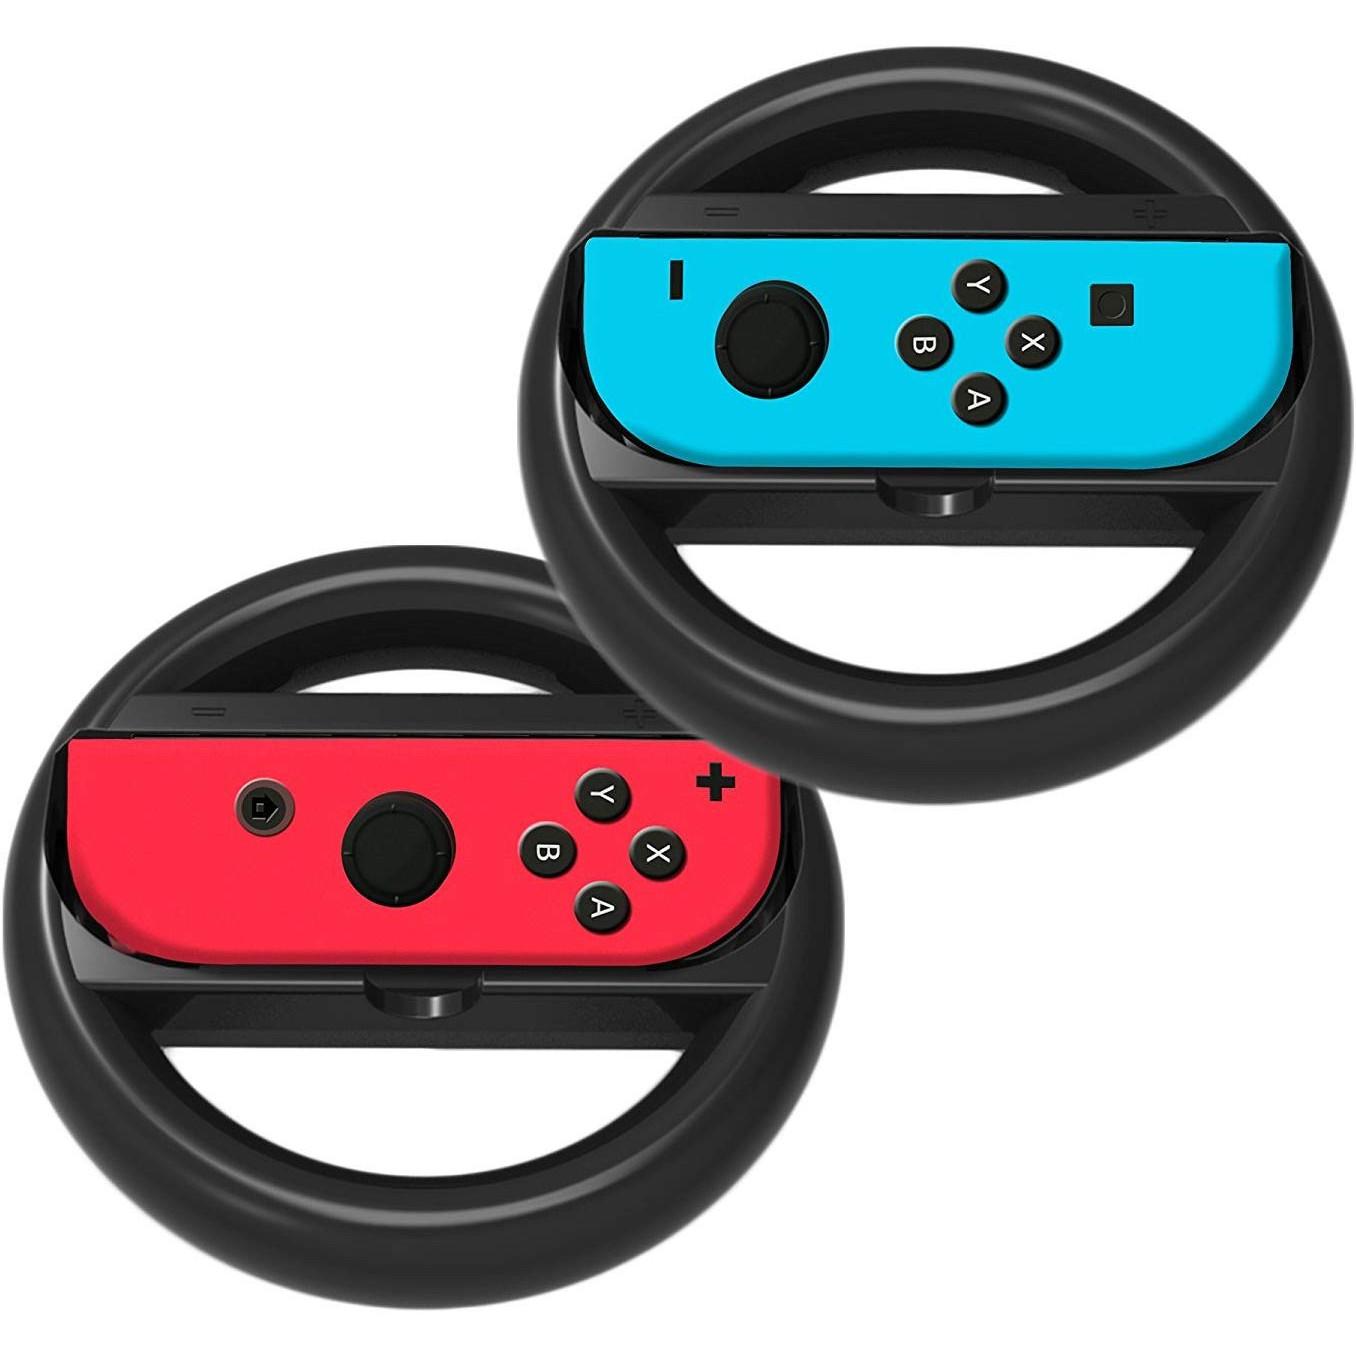 Bộ vô lăng đua xe cho Joycon máy Switch mẫu 2